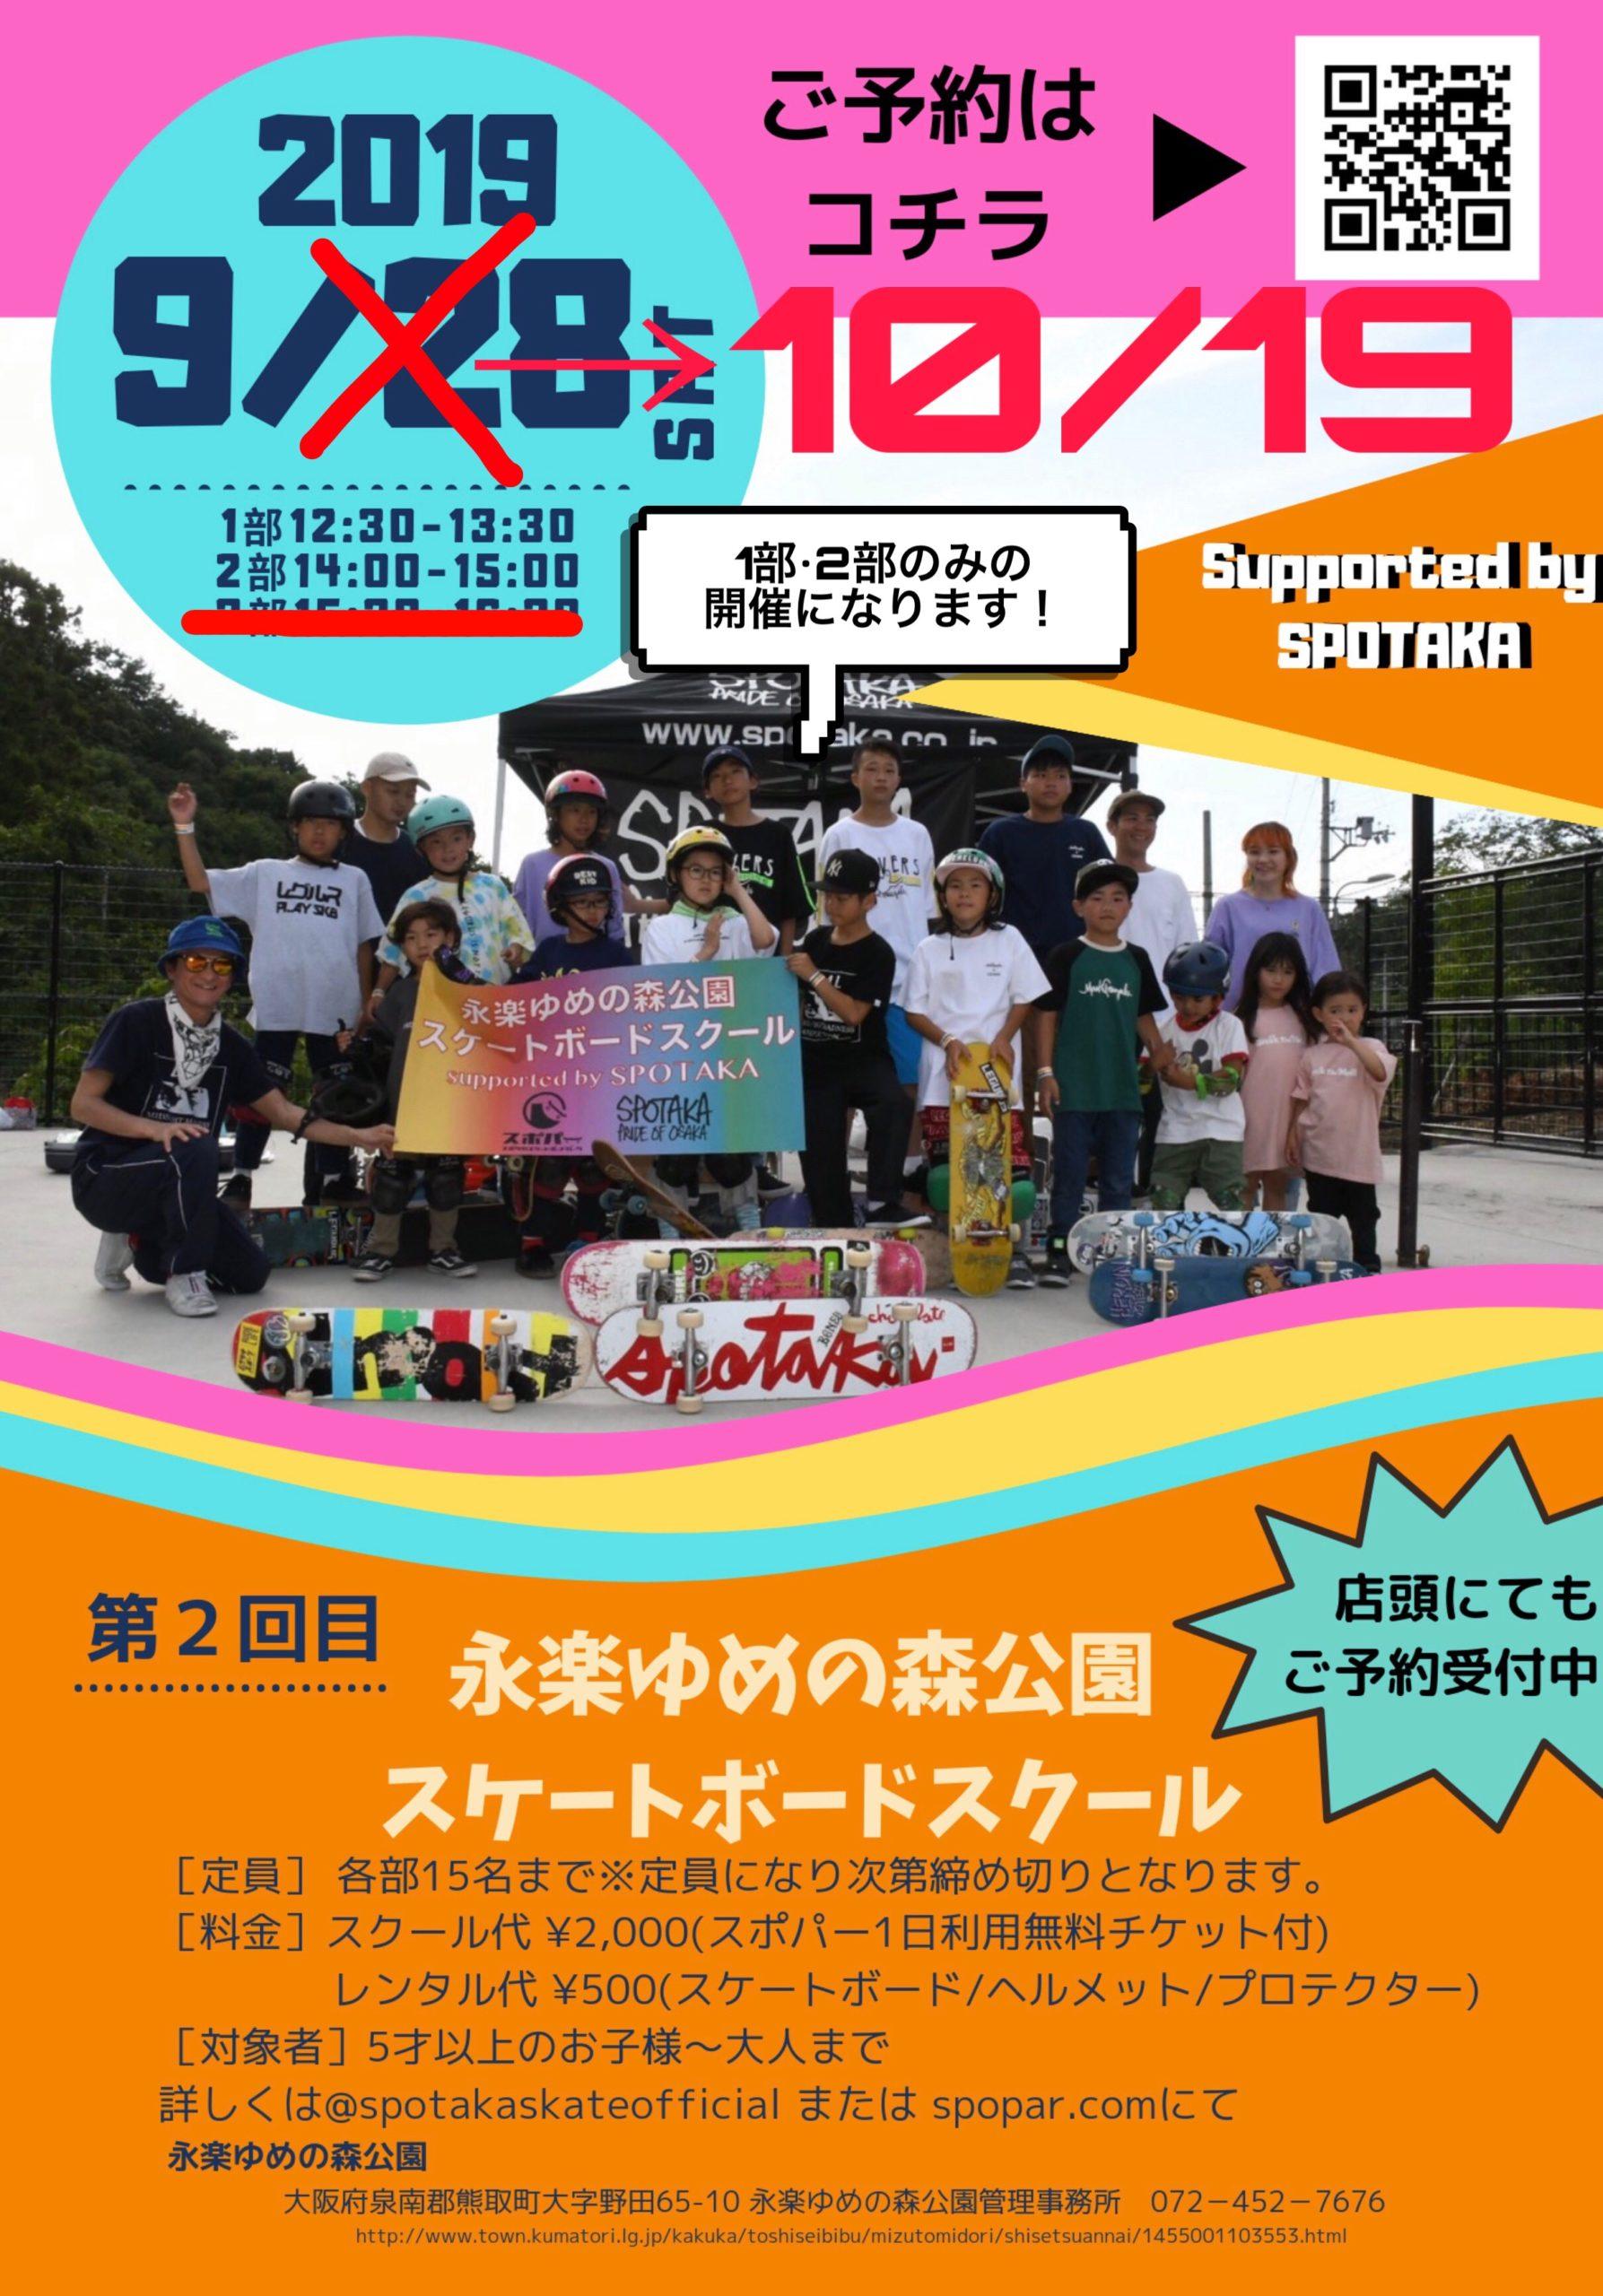 10/19(土)に振替!【永楽ゆめの森スケートボードスクール supported by SPOTAKA】